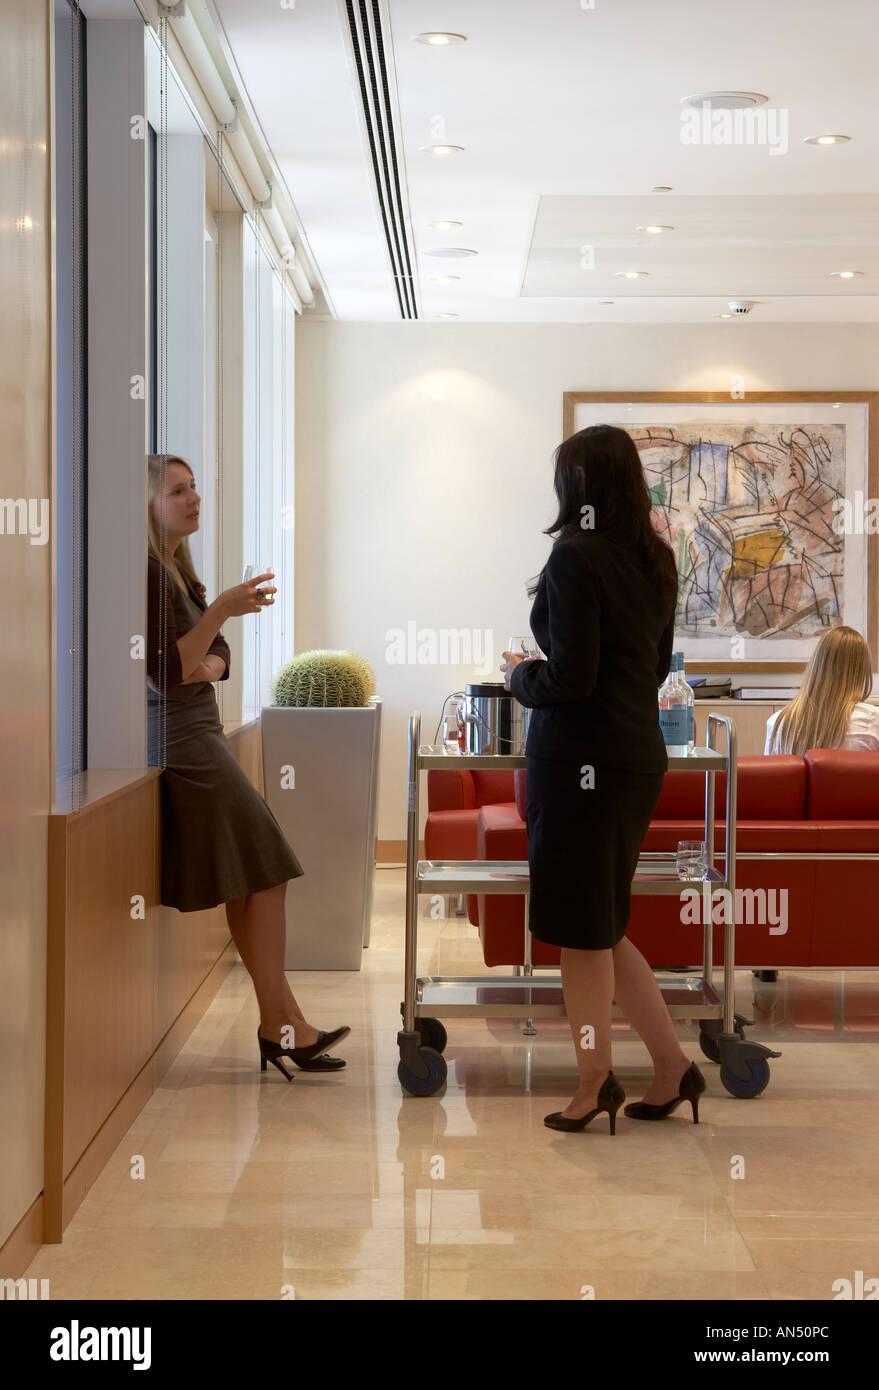 Vita in ufficio e interni parte due. Dipendenti in sala del personale di parlare. Immagini Stock